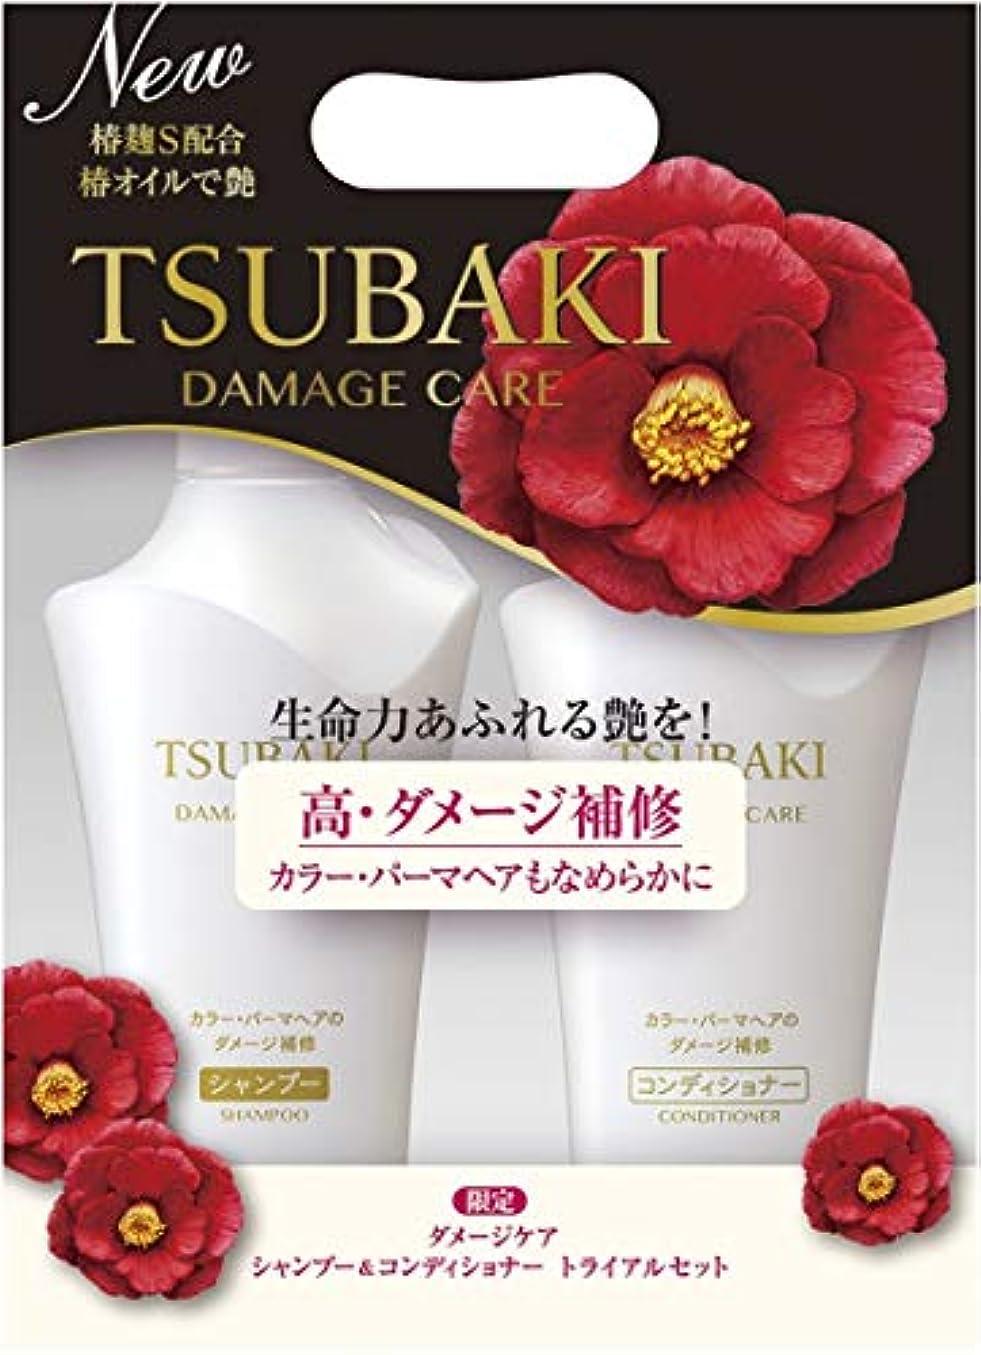 ギャラリー平行支店TSUBAKI ダメージケア シャンプー&コンディショナー ジャンボペアセット (500ml+500ml)